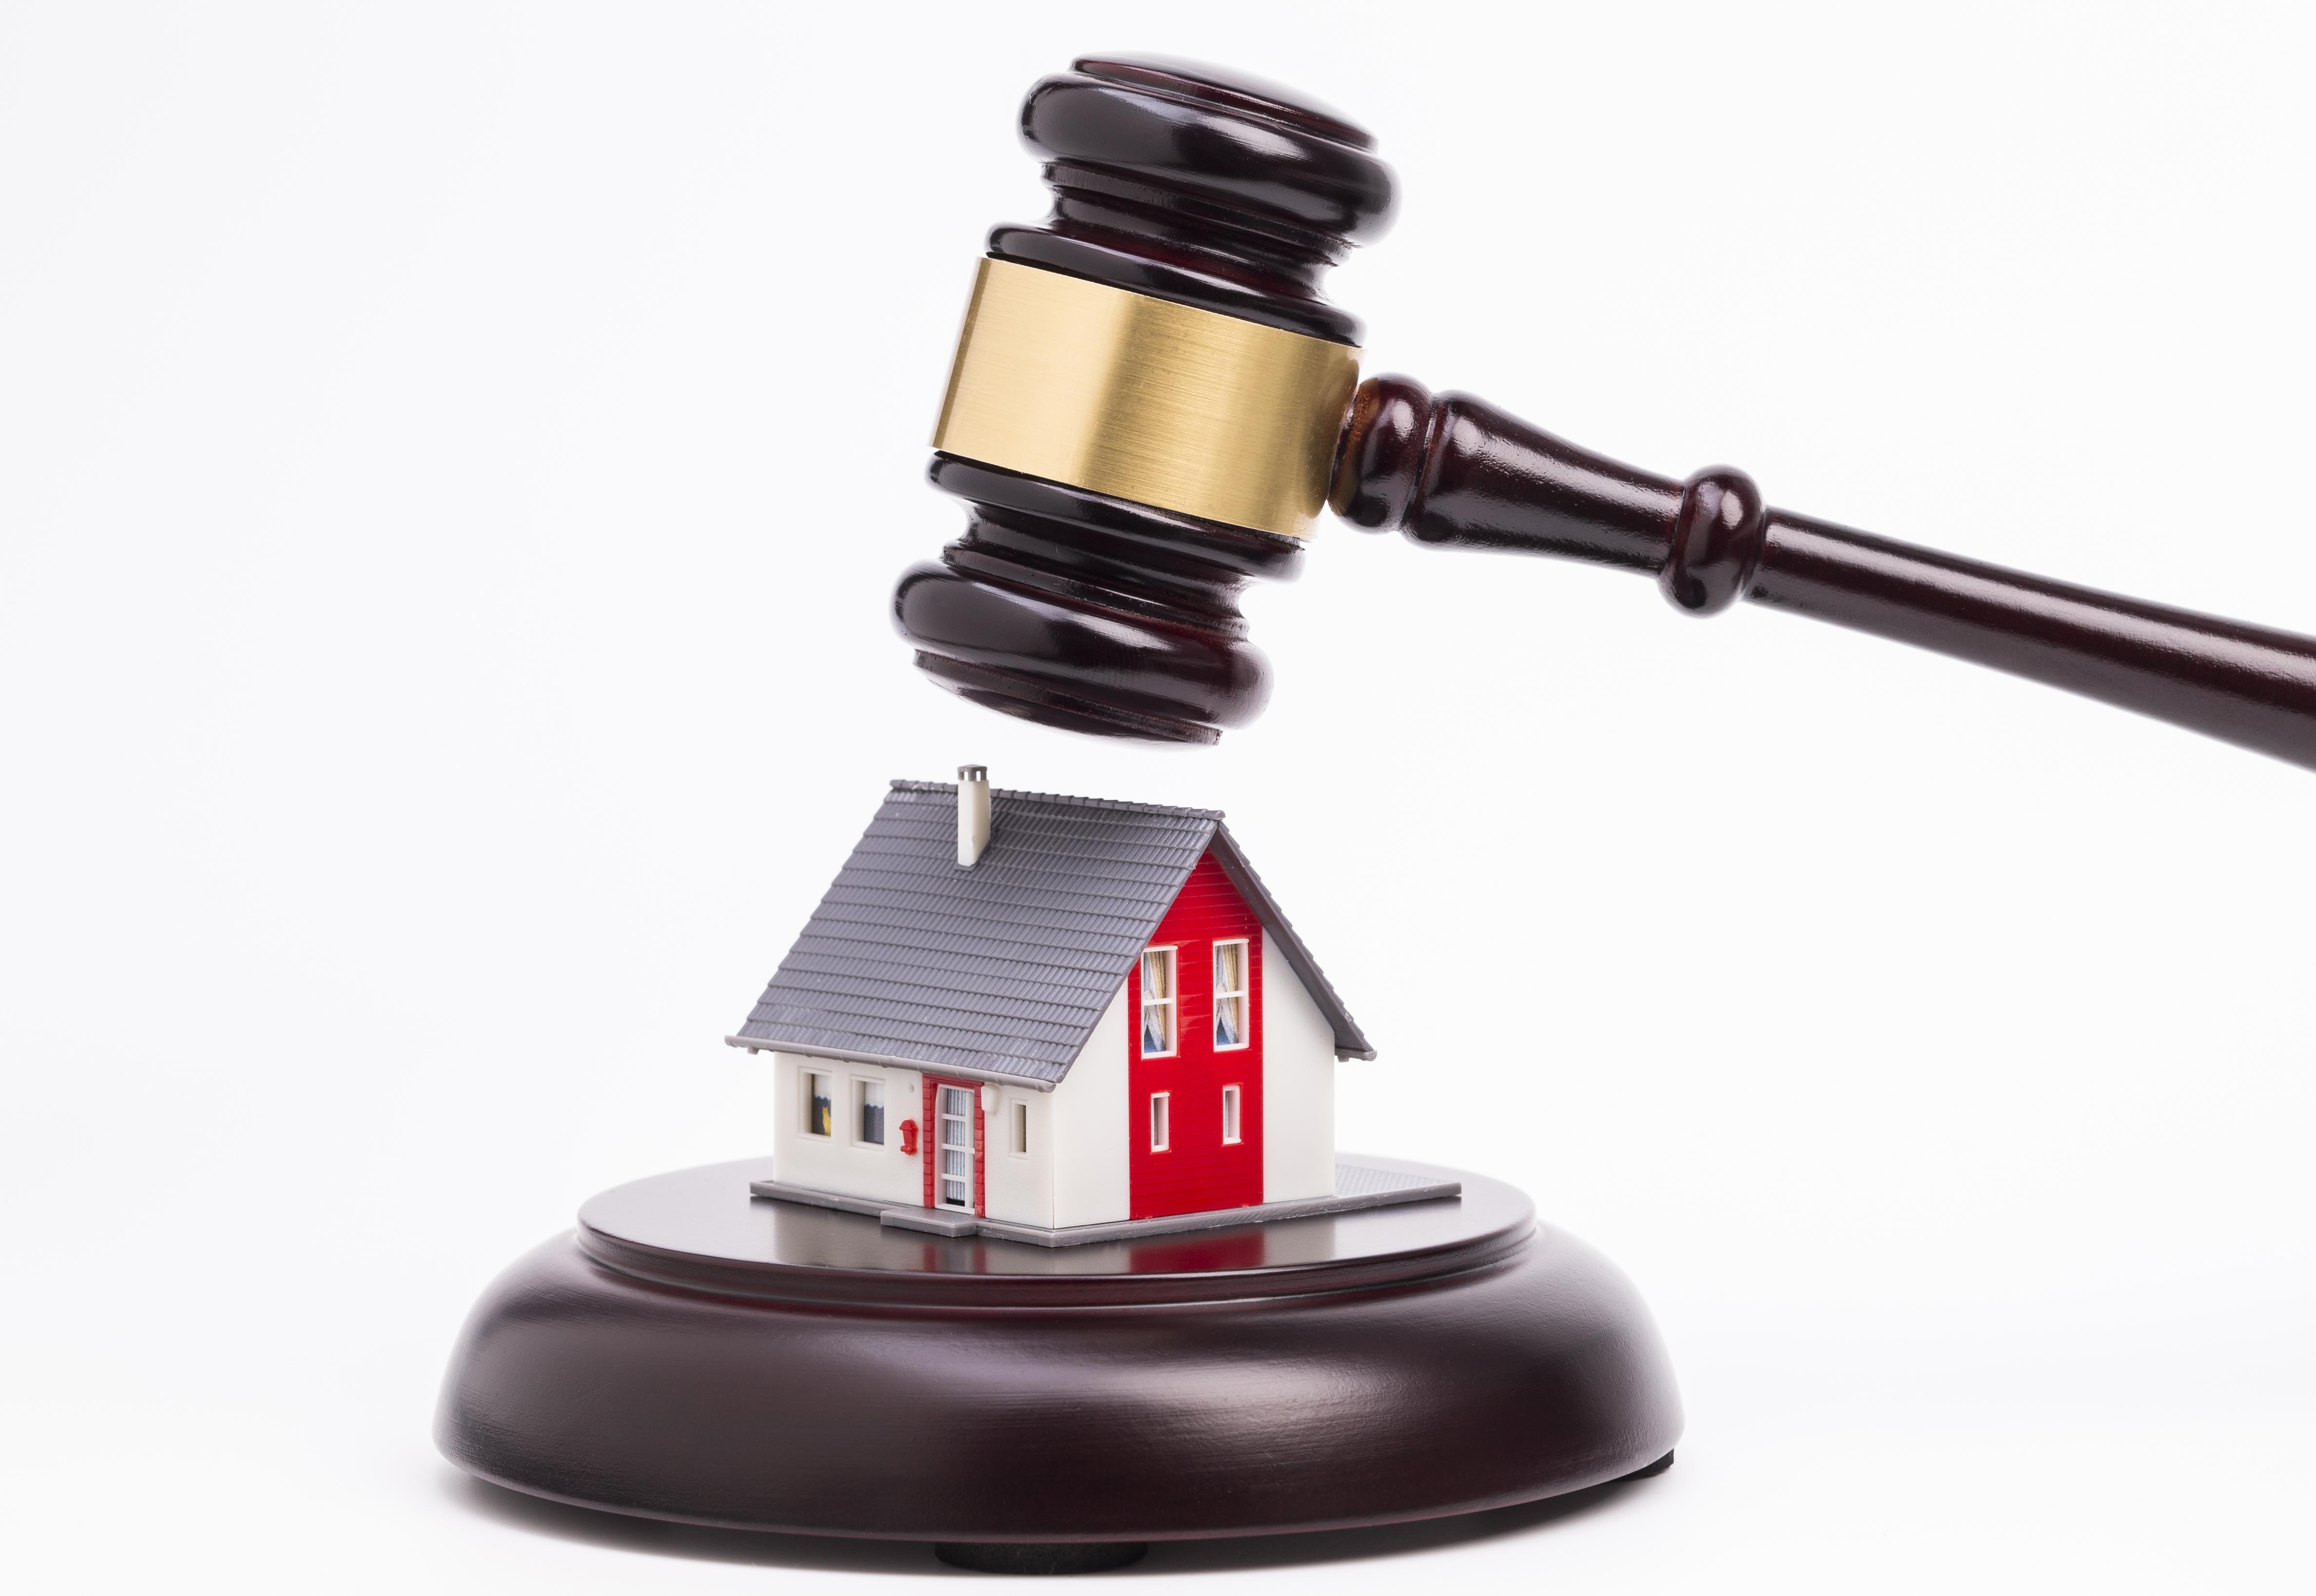 Acquisto Prima Casa Avendone Già Una: Quando Si Ha Diritto Al Bonus